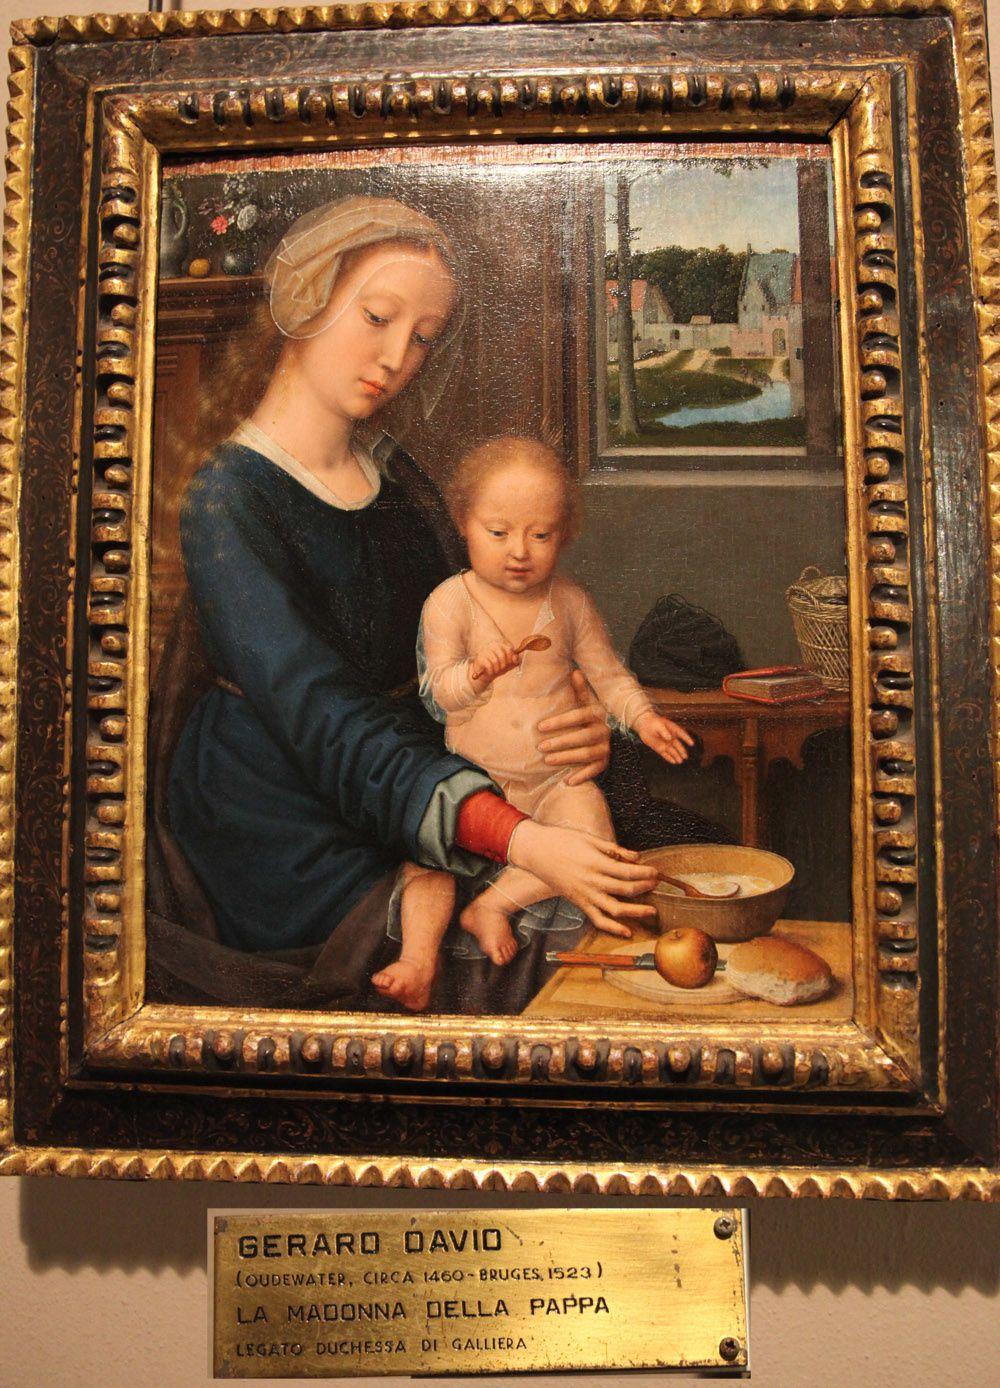 La madonna della pappa (pappa signifie bouillie)